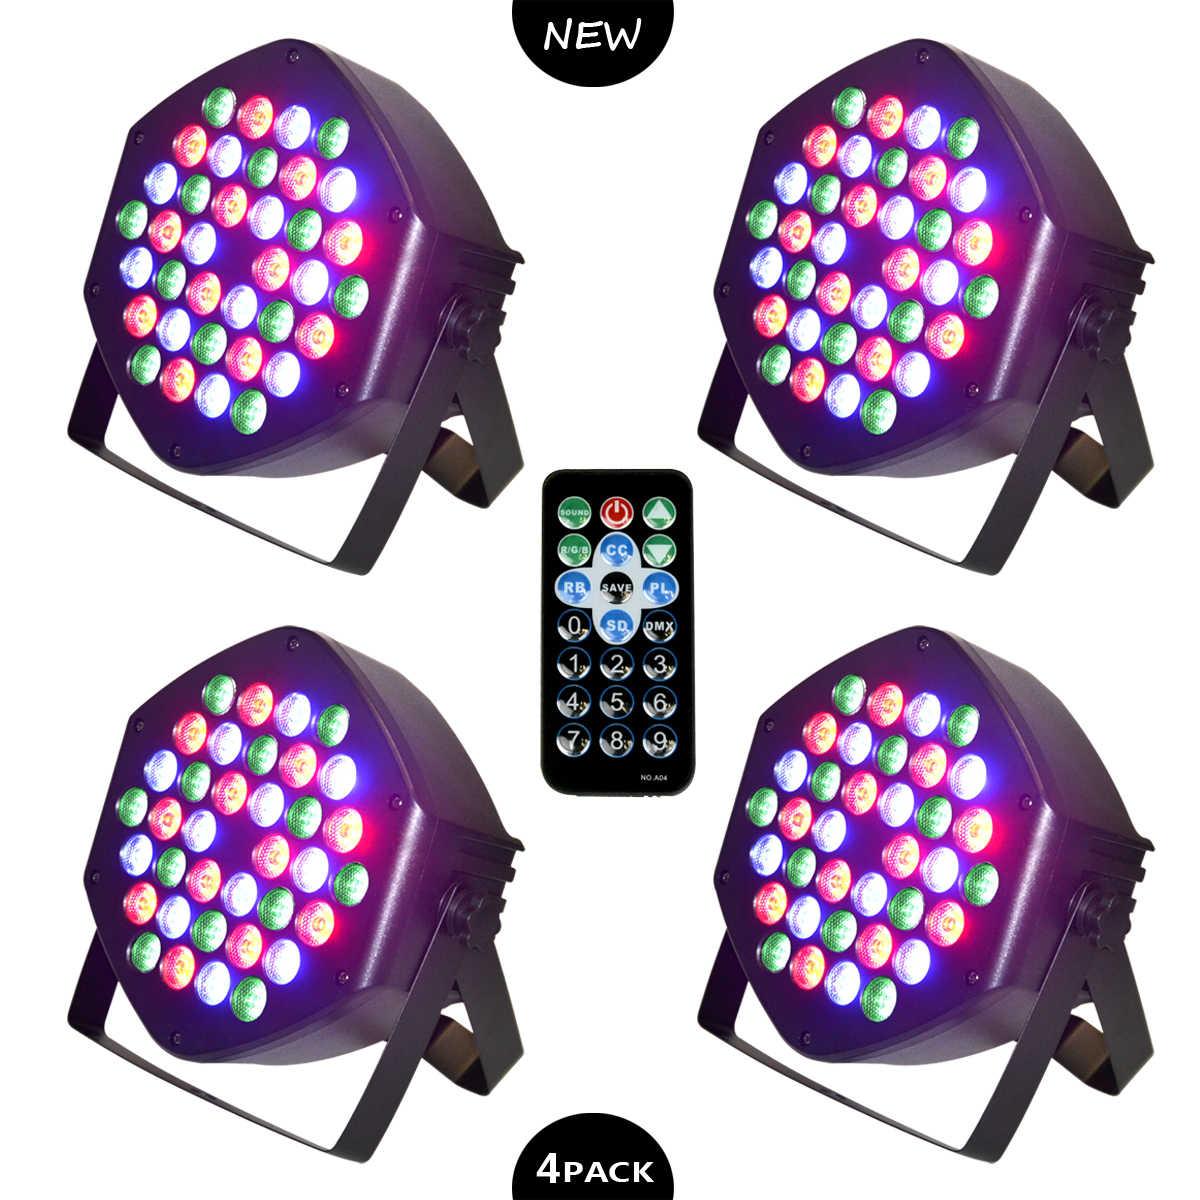 HA CONDOTTO LA Luce Par 36 in 1 RGB DJ Luce Par Discoteca Luce per la Mini Patti KTV Fase di Illuminazione, festa di famiglia, Regolatore di DMX Effetto